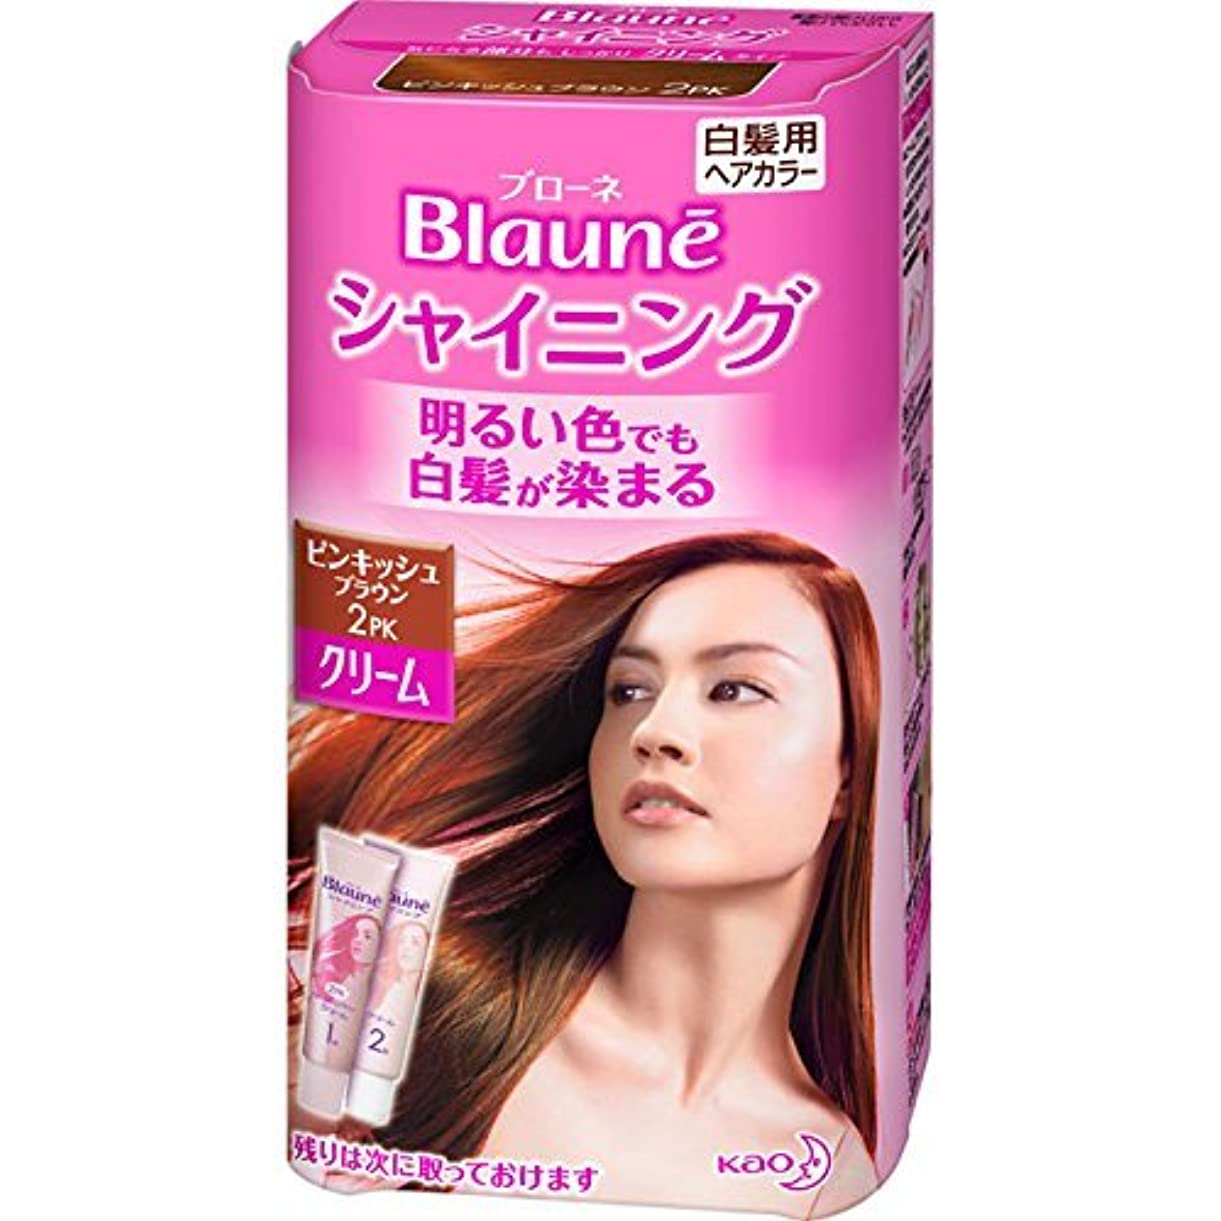 微妙くつろぐ注釈を付ける花王 ブローネ シャイニングヘアカラー クリーム 2PK 1剤50g/2剤50g(医薬部外品)《各50g》